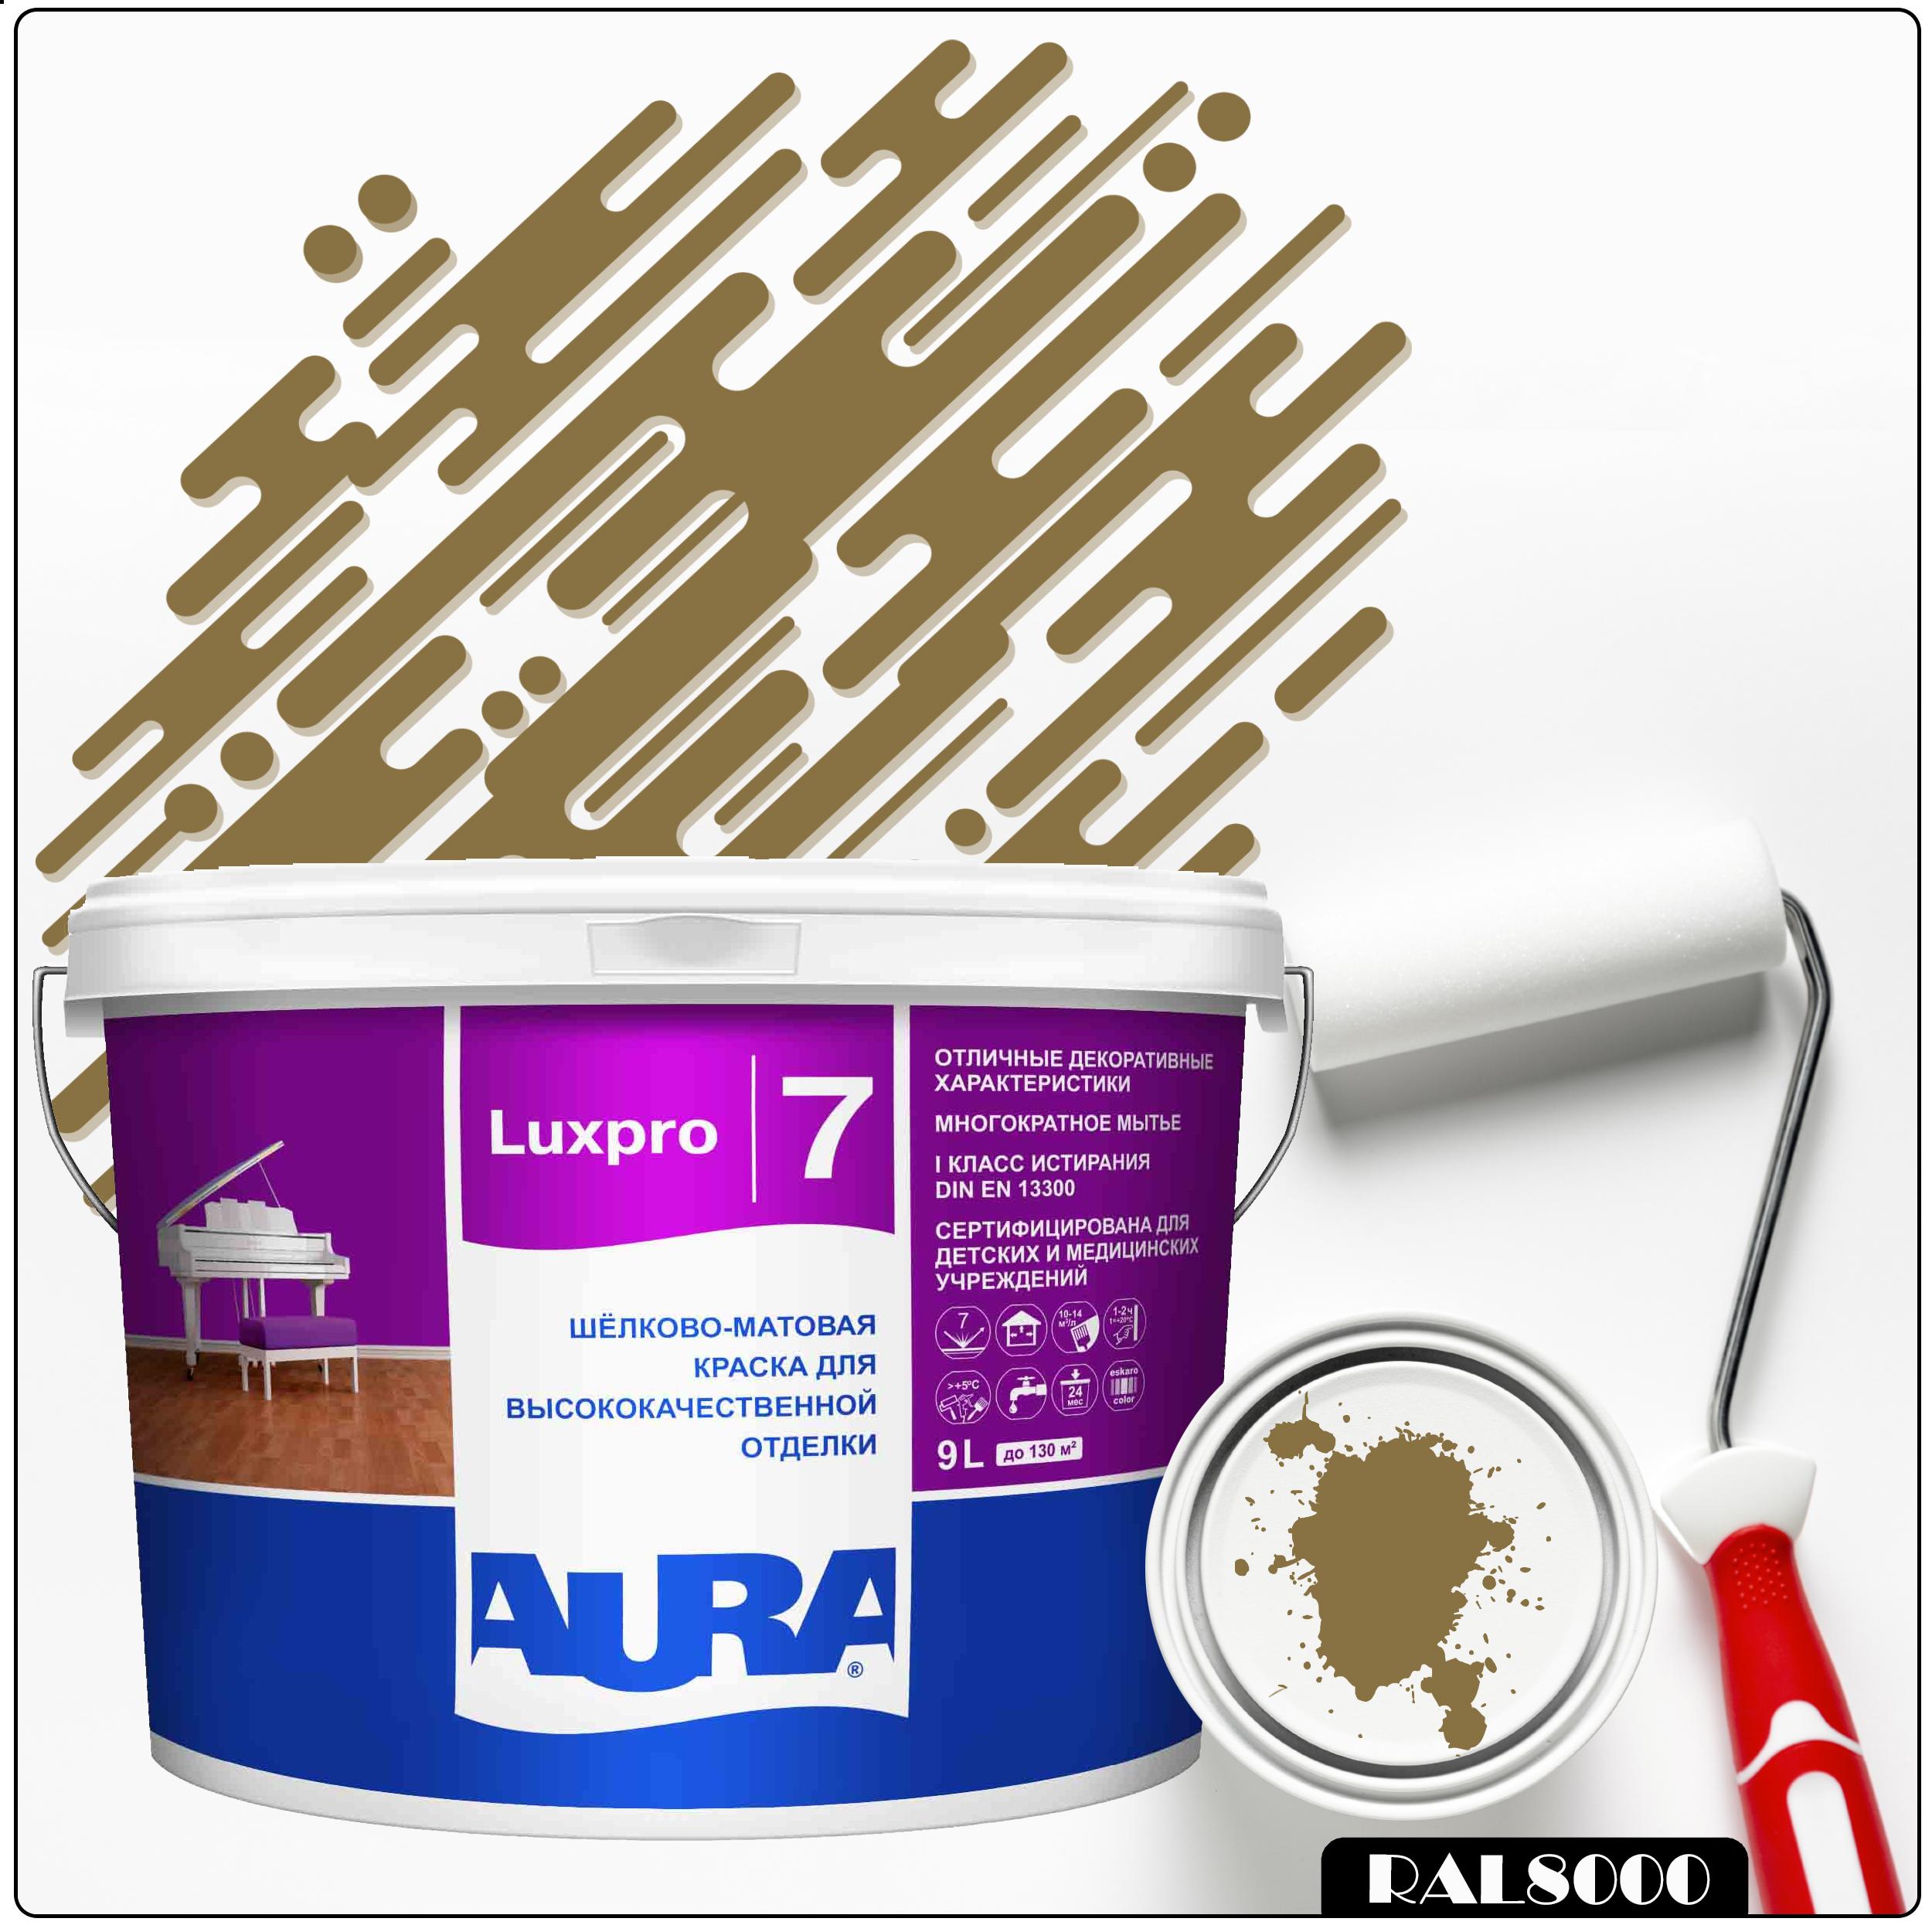 Фото 1 - Краска Aura LuxPRO 7, RAL 8000 Зелёно-коричневый, латексная, шелково-матовая, интерьерная, 9л, Аура.